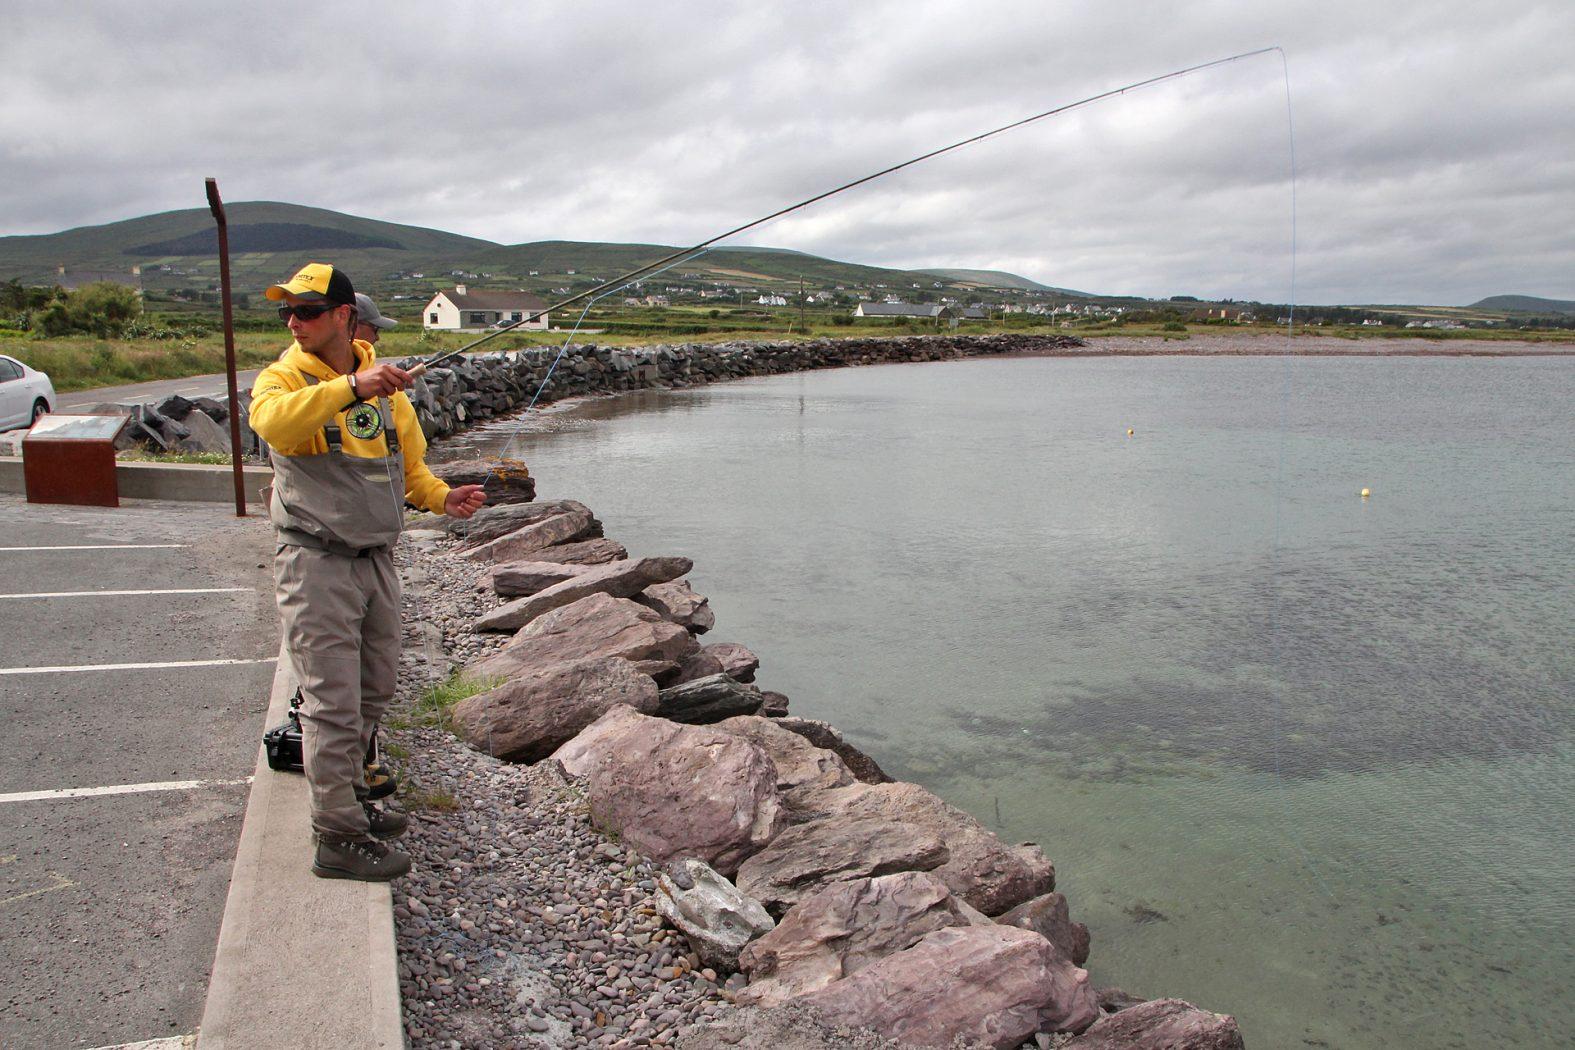 Meeräsche angeln in Irland